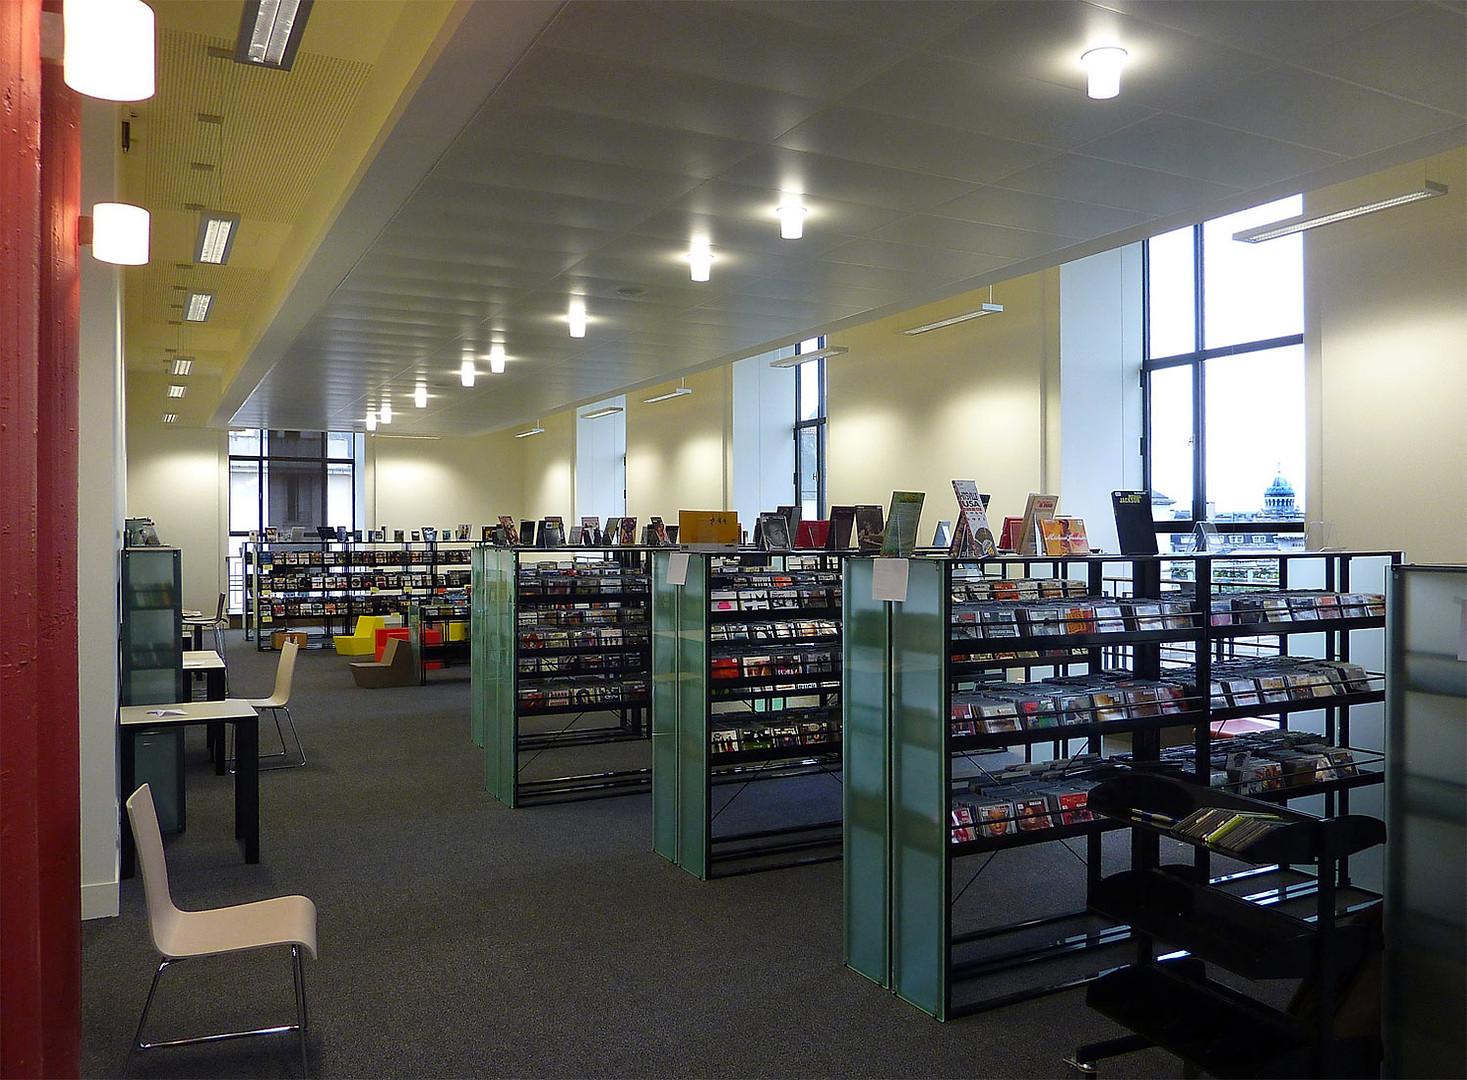 Bibliothèque_municipale_de_Tours_photos_